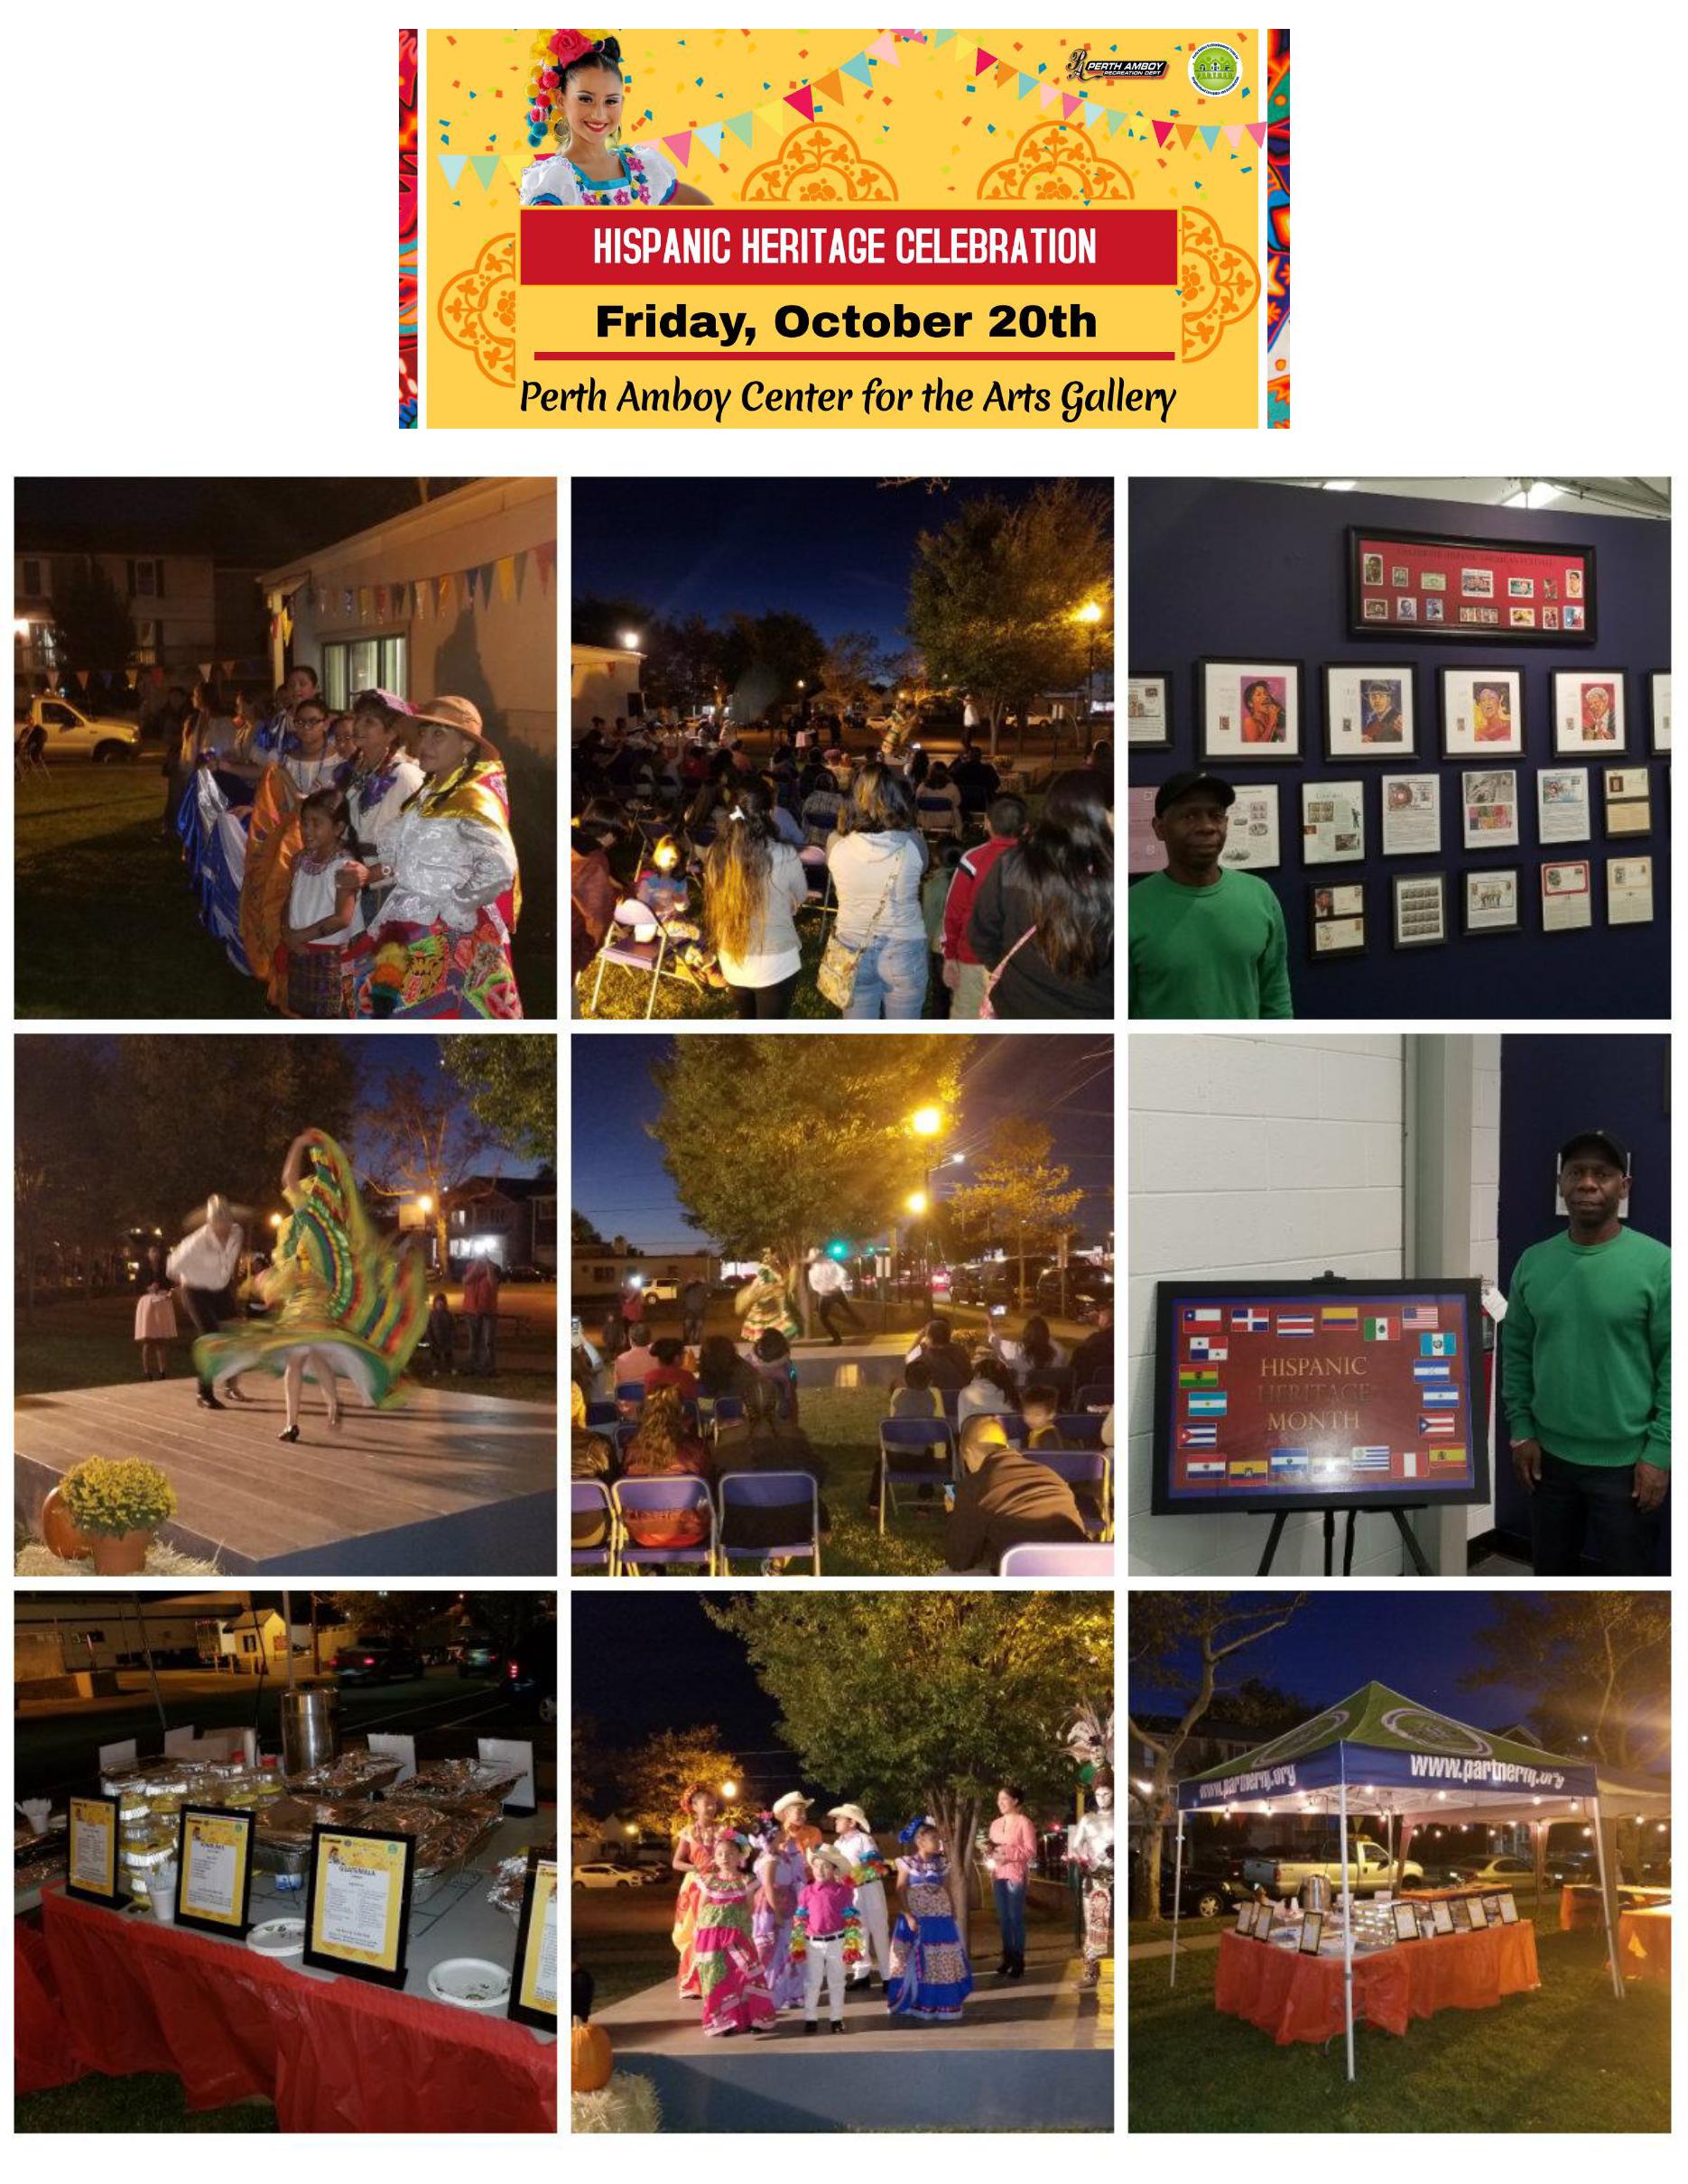 Hispanic Heritage Celebration, October 2017